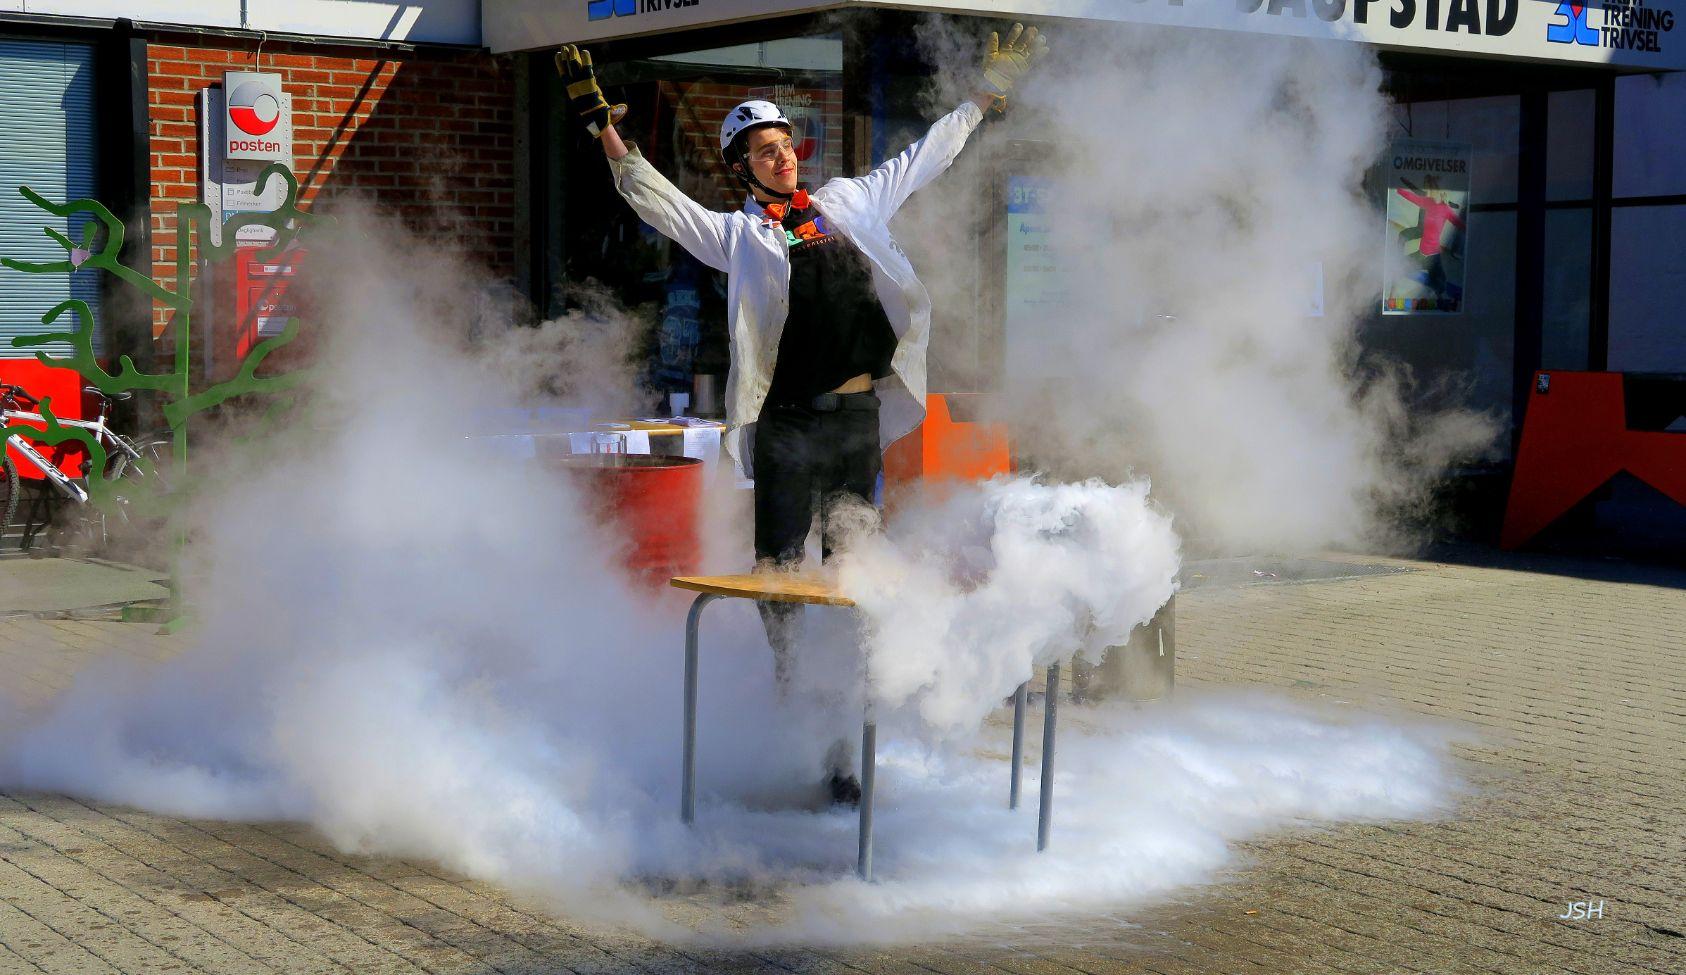 Mann i frakk med hjelm og beskyttelsesbriller står midt på torget i ei røyksky og slår ut med armene